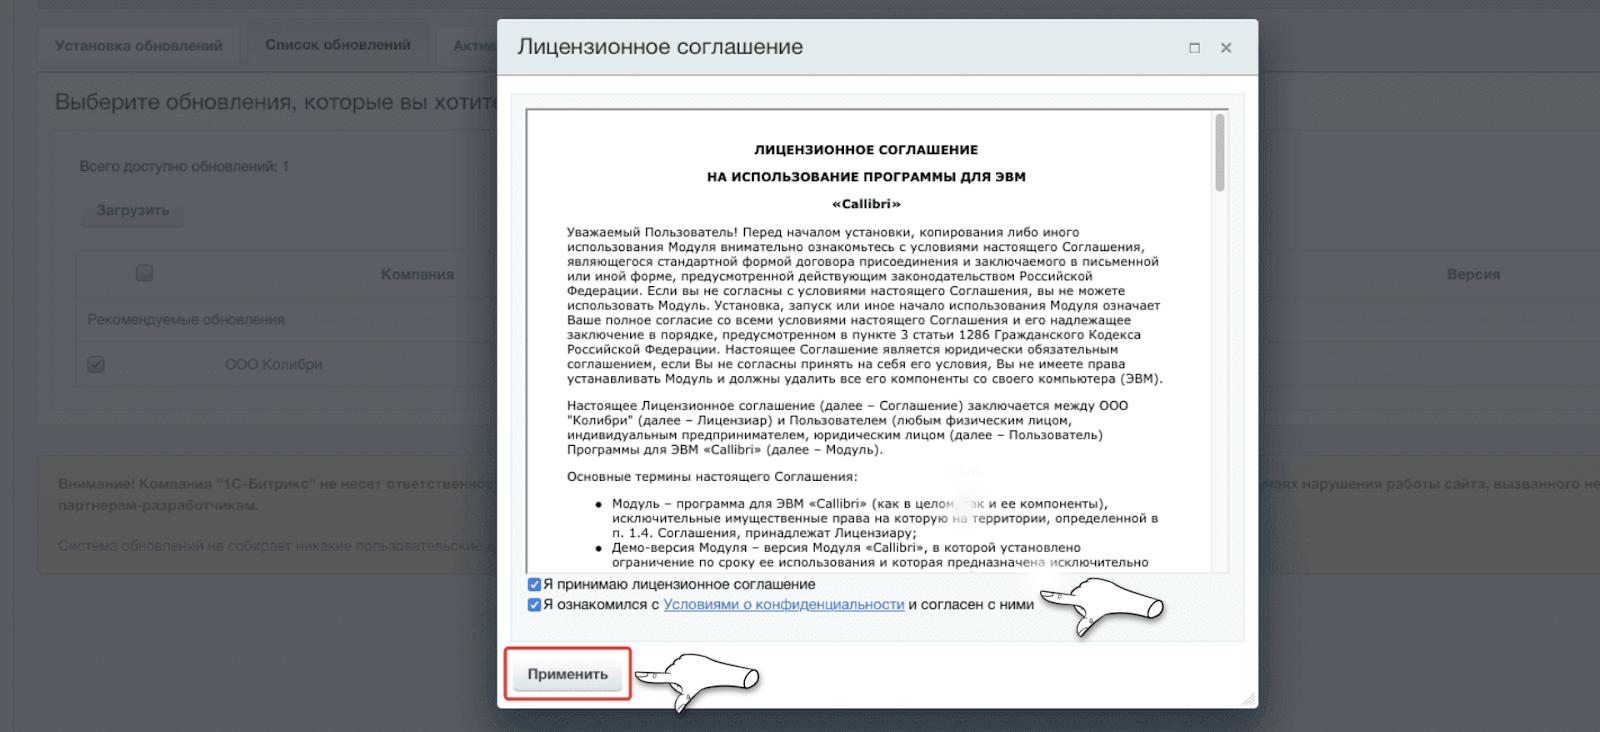 Принять лицензионное соглашение и Условия о конфиденциальности, чтобы установить скрипт